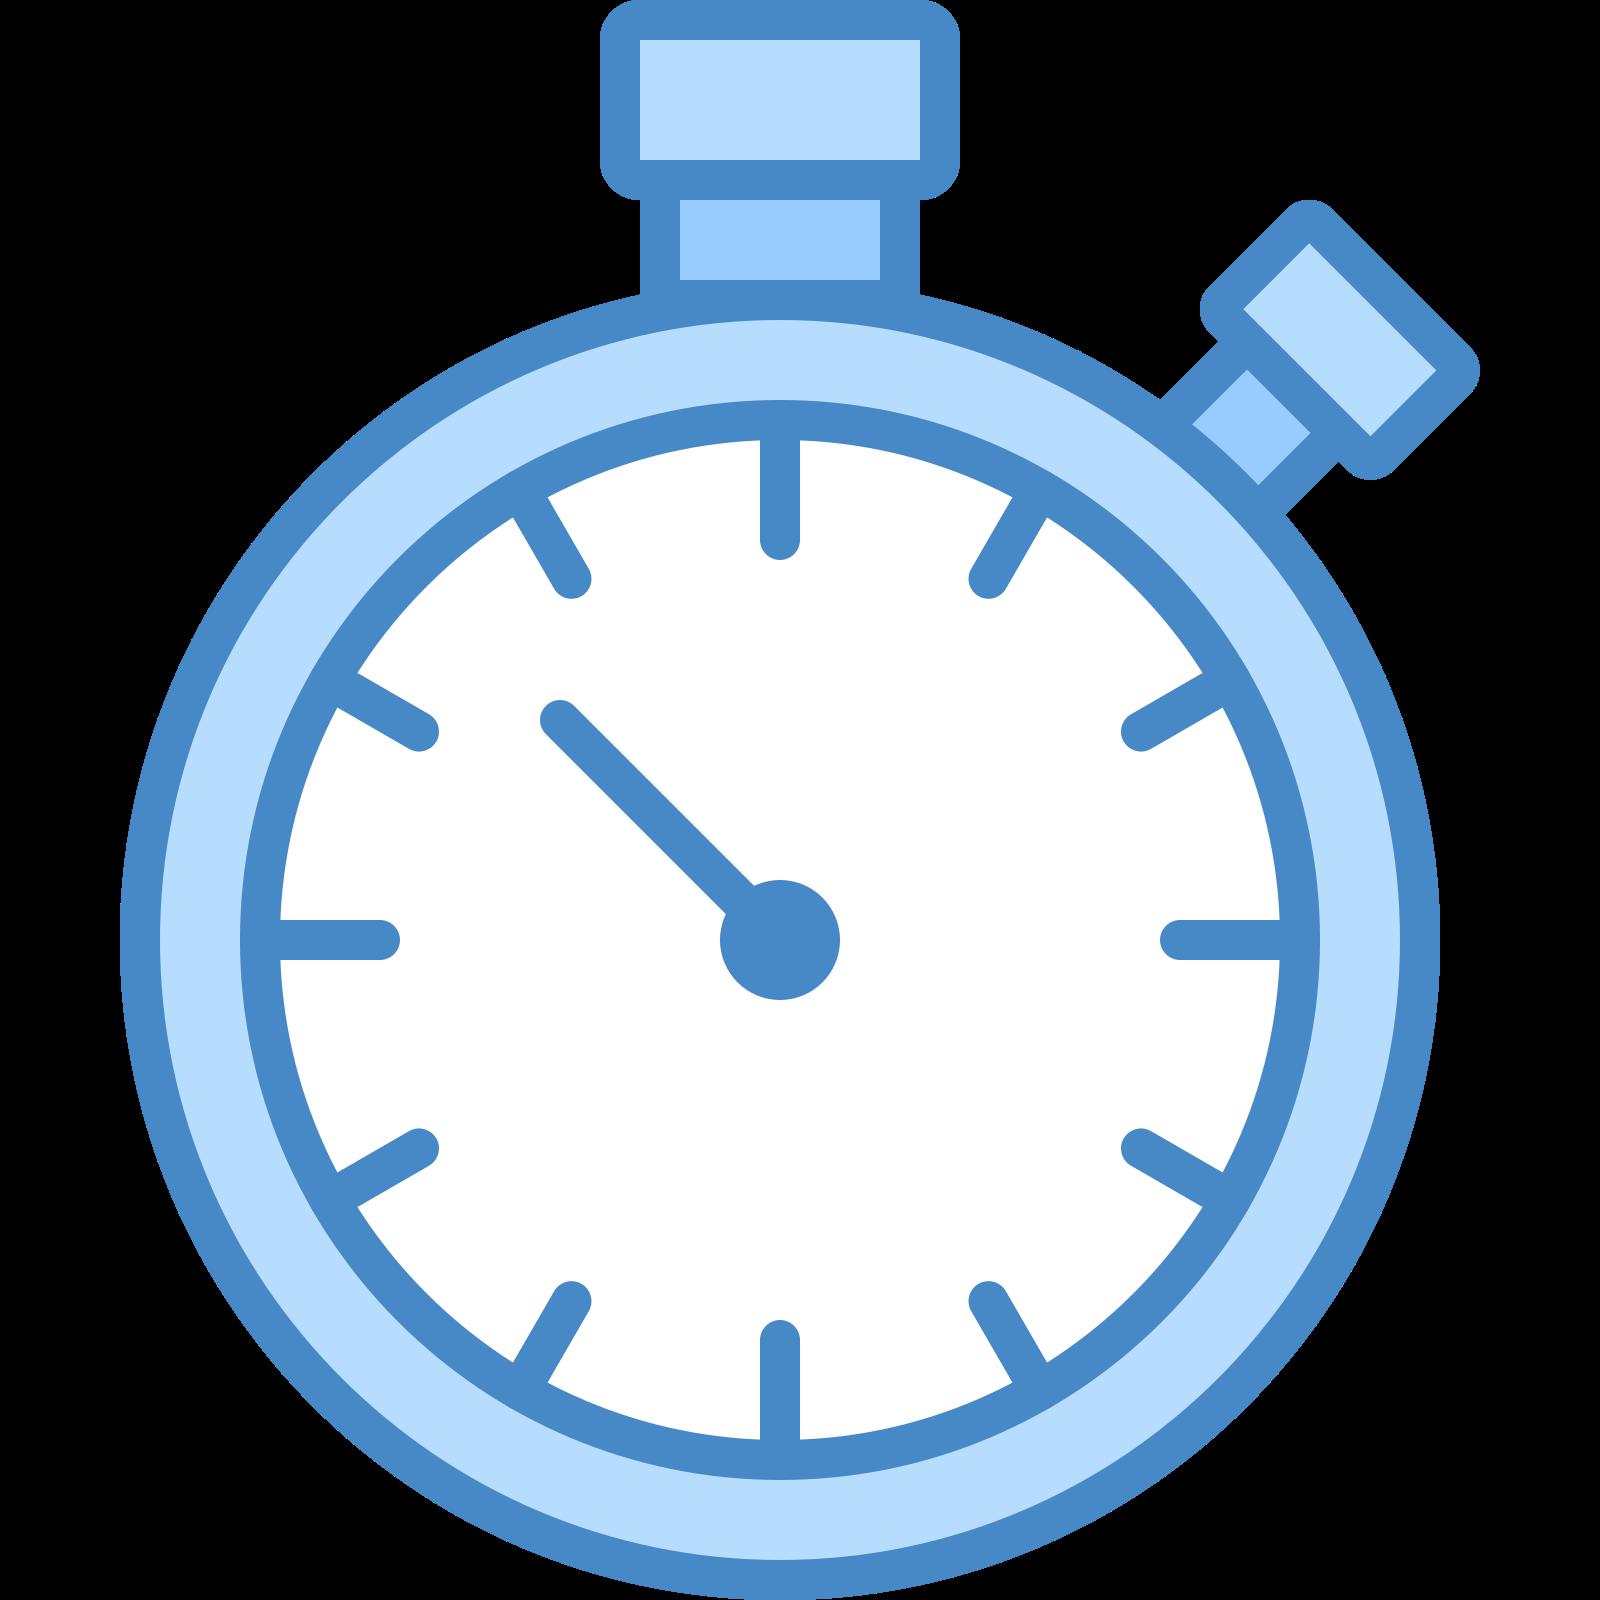 时间 icon